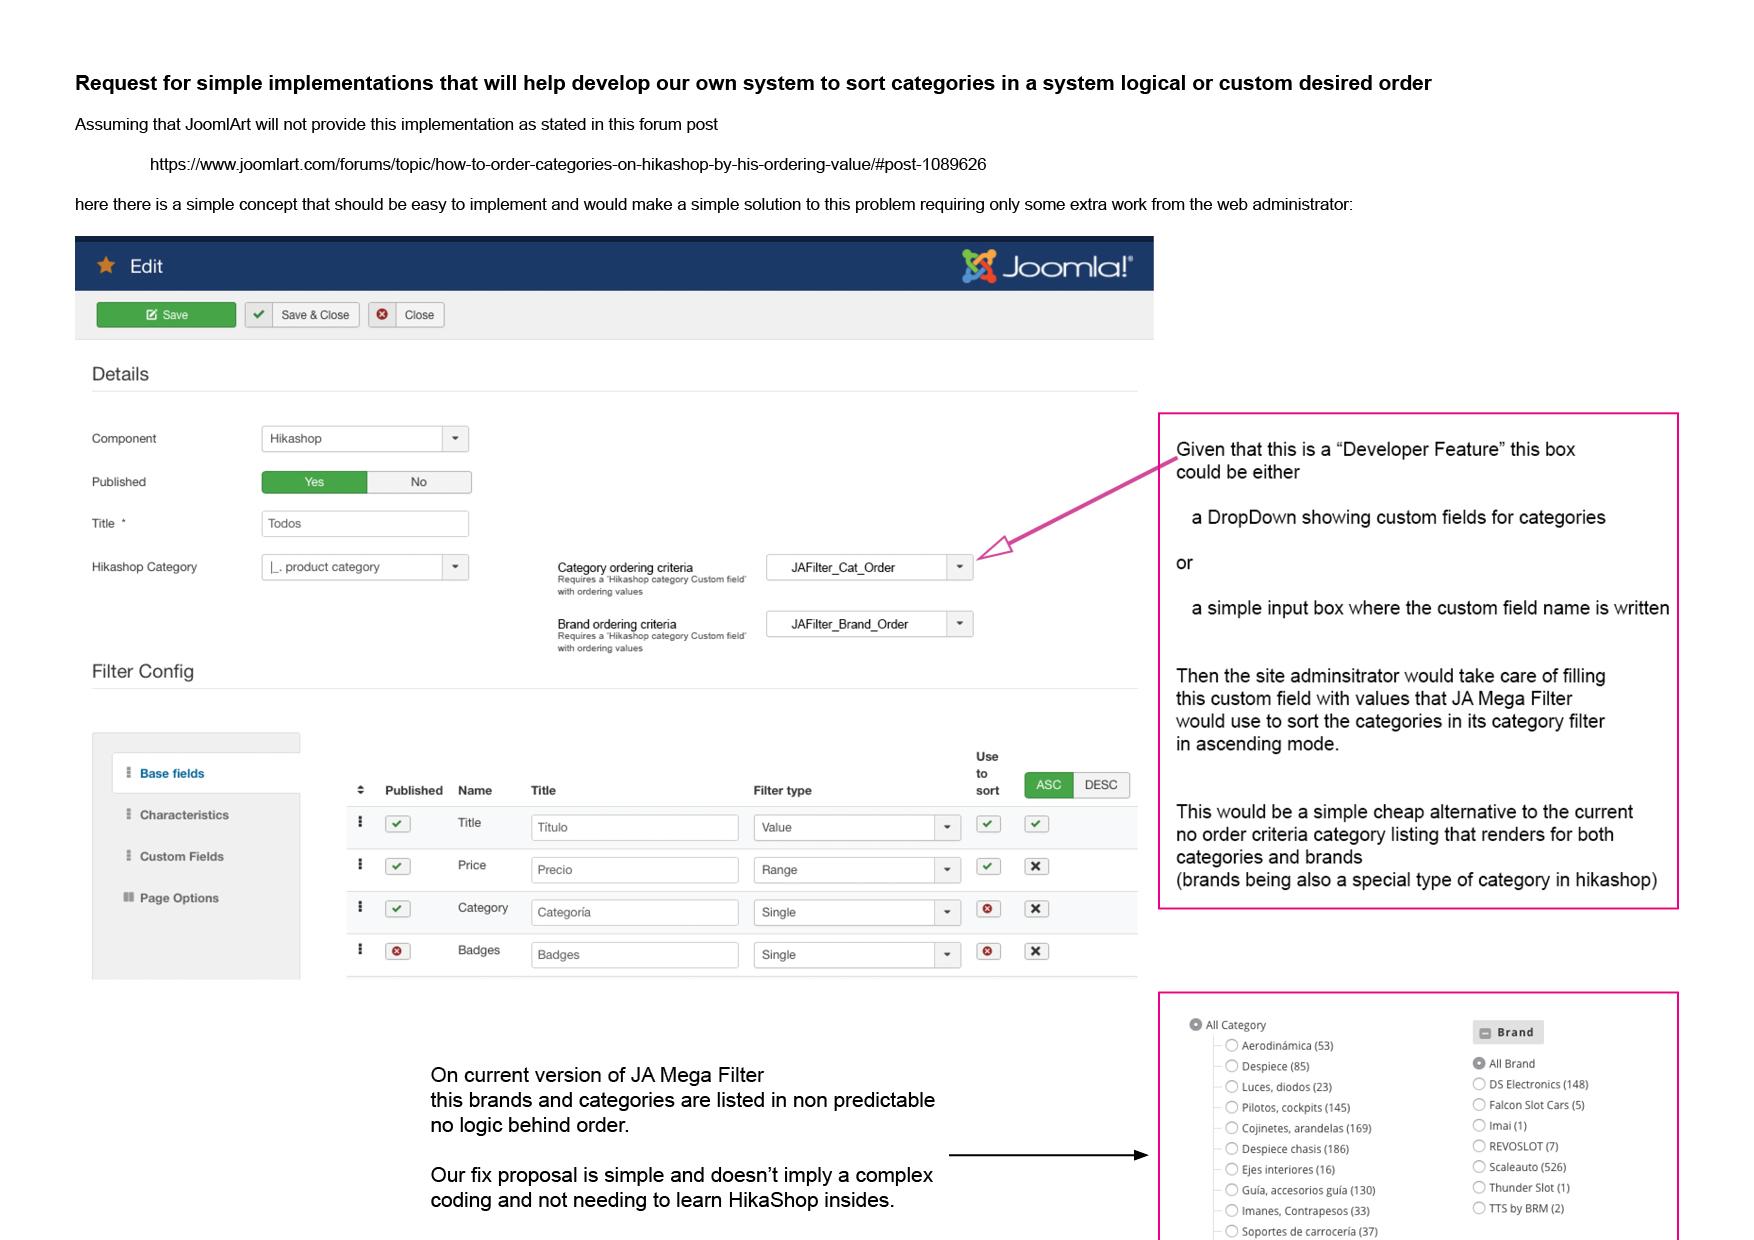 JA-Megafilter-request-for-Hikashop-ordering-of-Categories-and-Brands